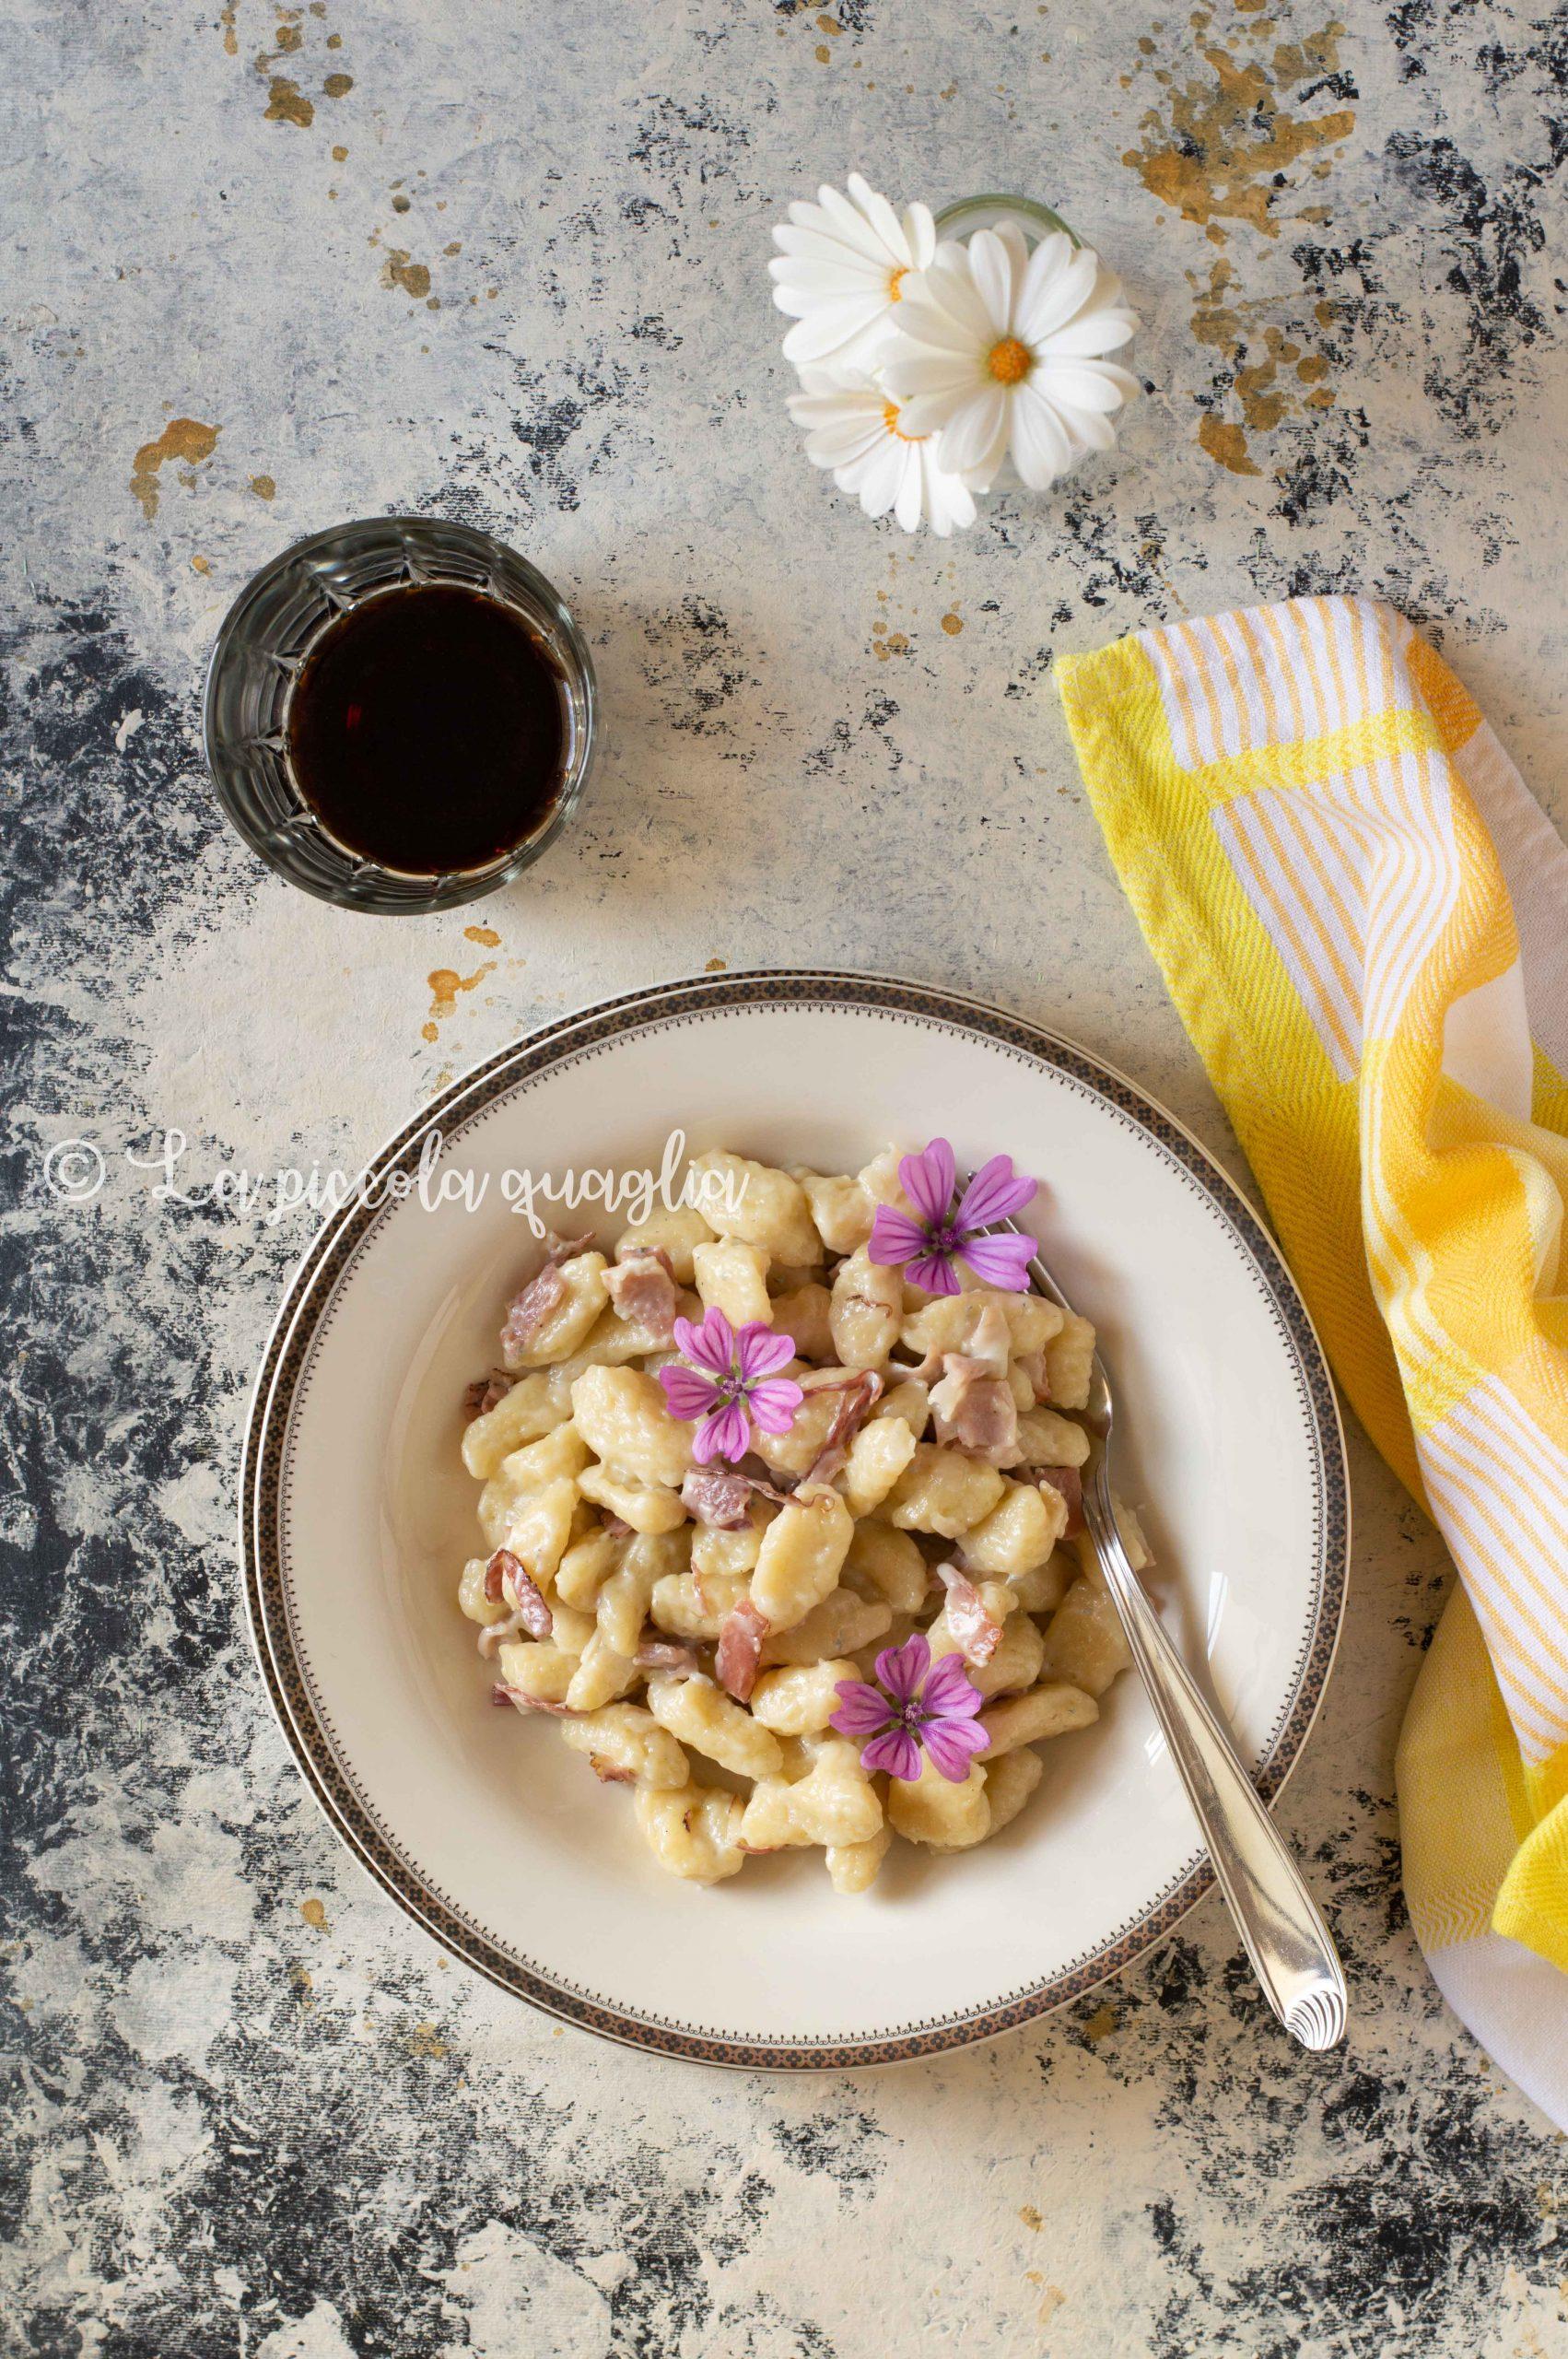 Gnocchi di patate integrali con malva